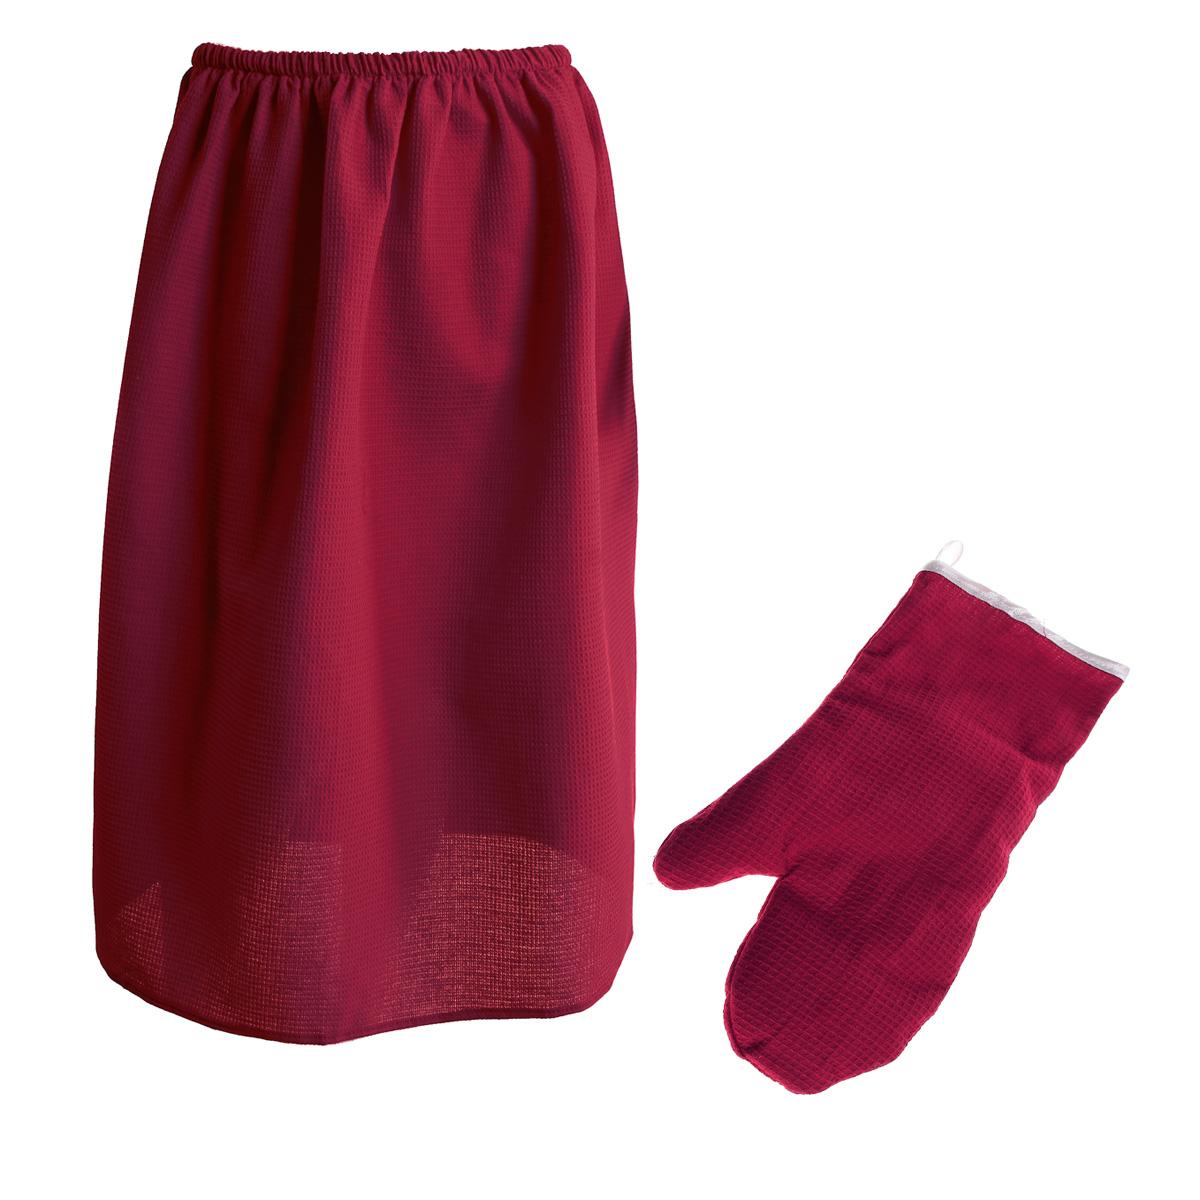 Комплект для бани и сауны Банные штучки женский, 2 предмета, цвет: бордовый32062Комплект для бани и сауны Банные штучки, выполненный из натурального хлопка бордового цвета, привлечет внимание любителей модных тенденций в банной одежде. Набор состоит из вафельной накидки и рукавицы. Накидка - это многофункциональное полотенце специального покроя с резинкой и застежкой. В парилке можно лежать на ней, после душа вытираться, а во время отдыха использовать как удобную накидку. Рукавица обезопасит ваши руки от горячего пара или ручки ковша. Рукавицей можно также прекрасно помассировать тело. Такой набор будет приятно получить в подарок каждому.